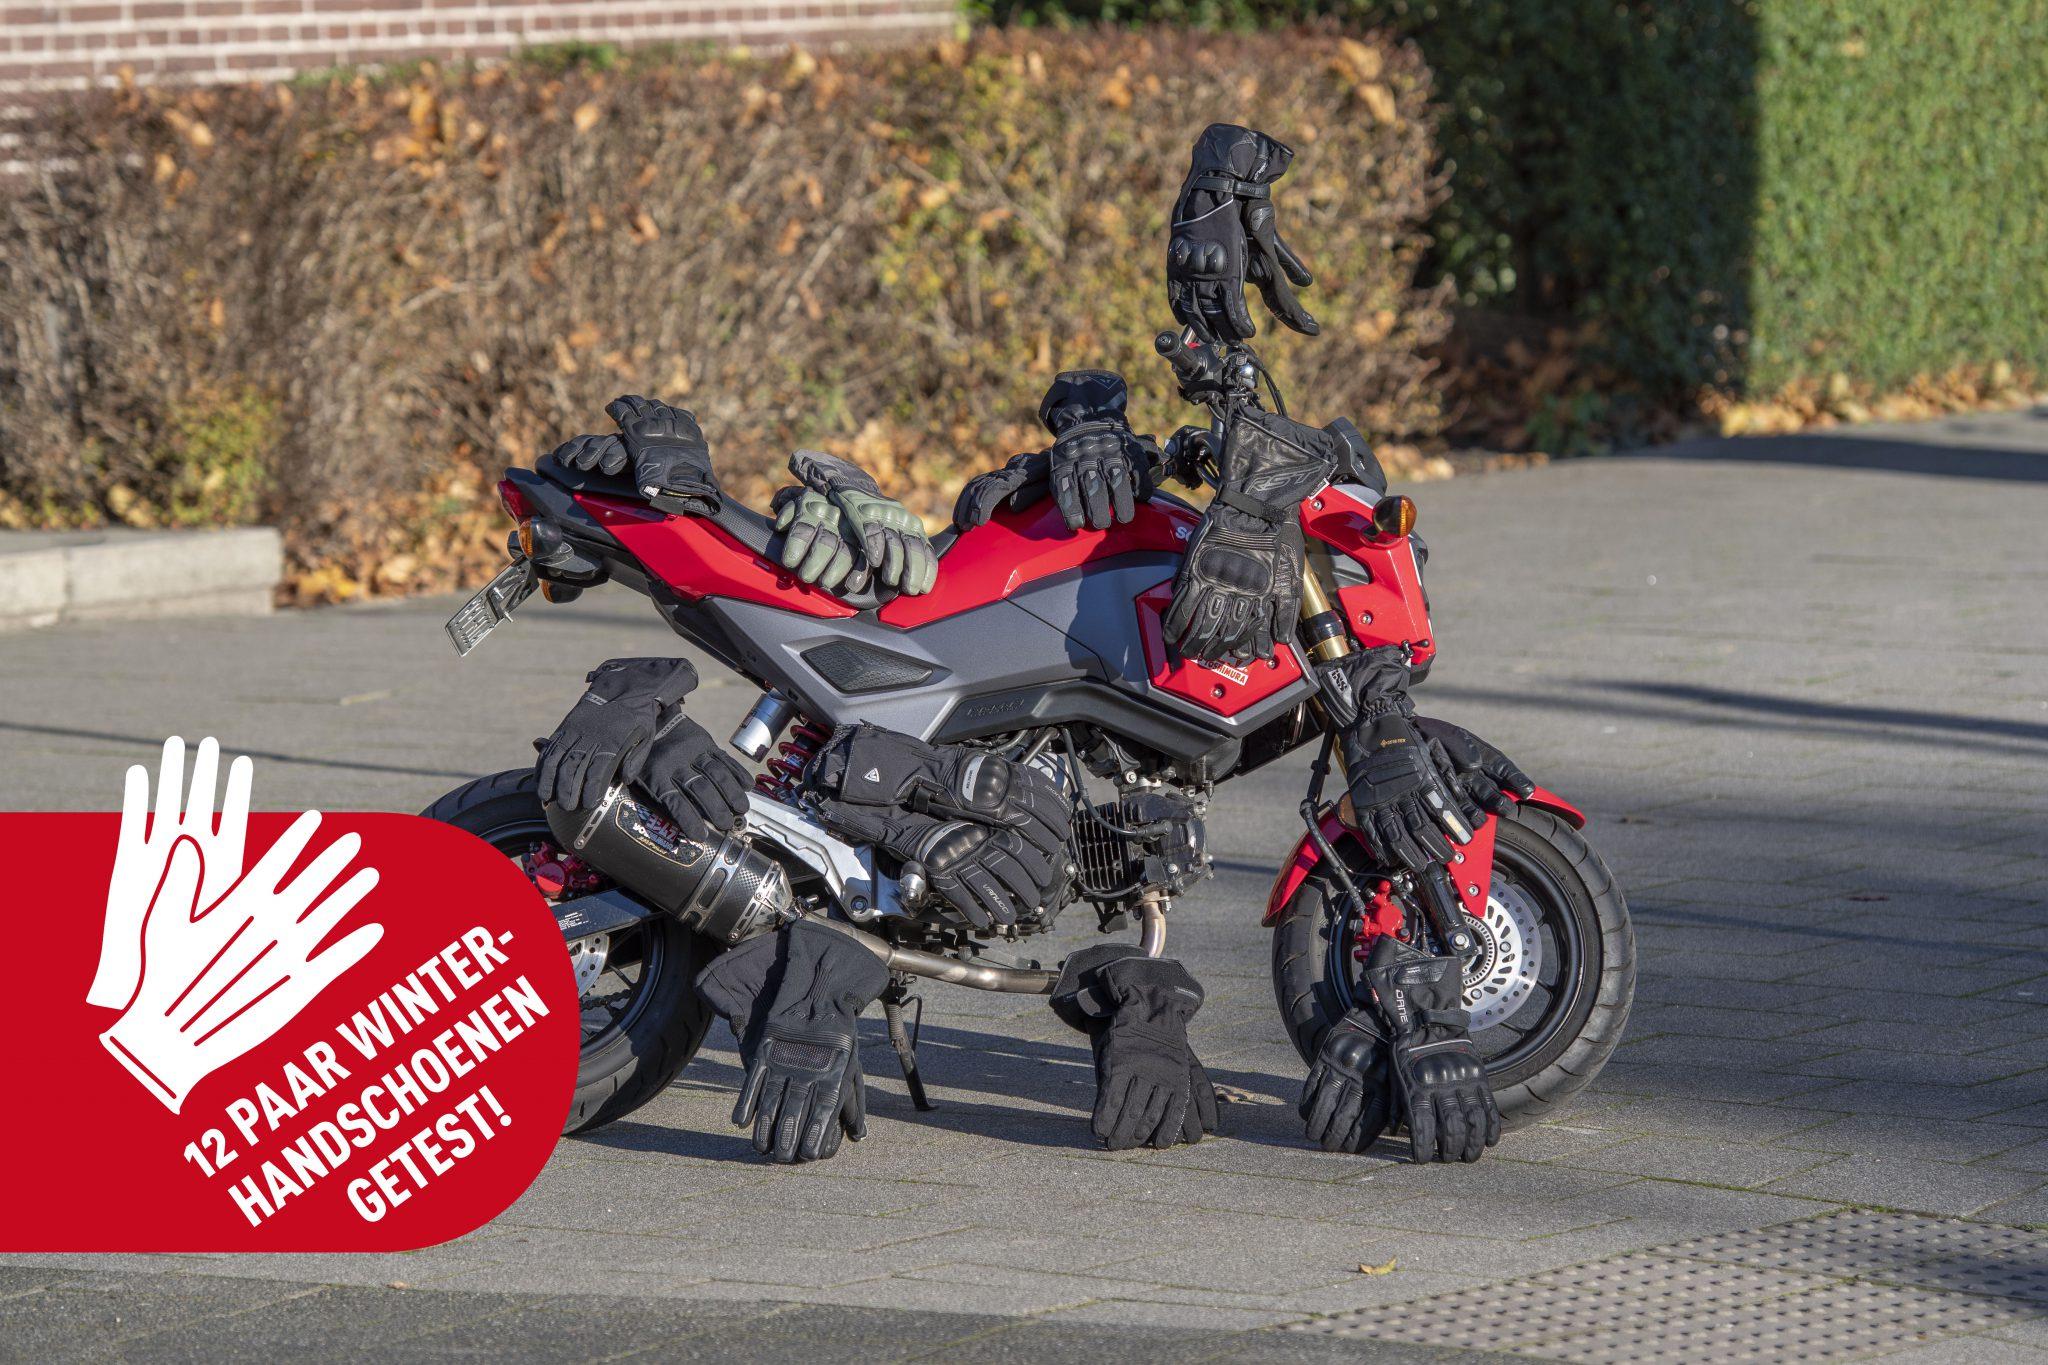 motor met handschoenen erop gefotografeerd